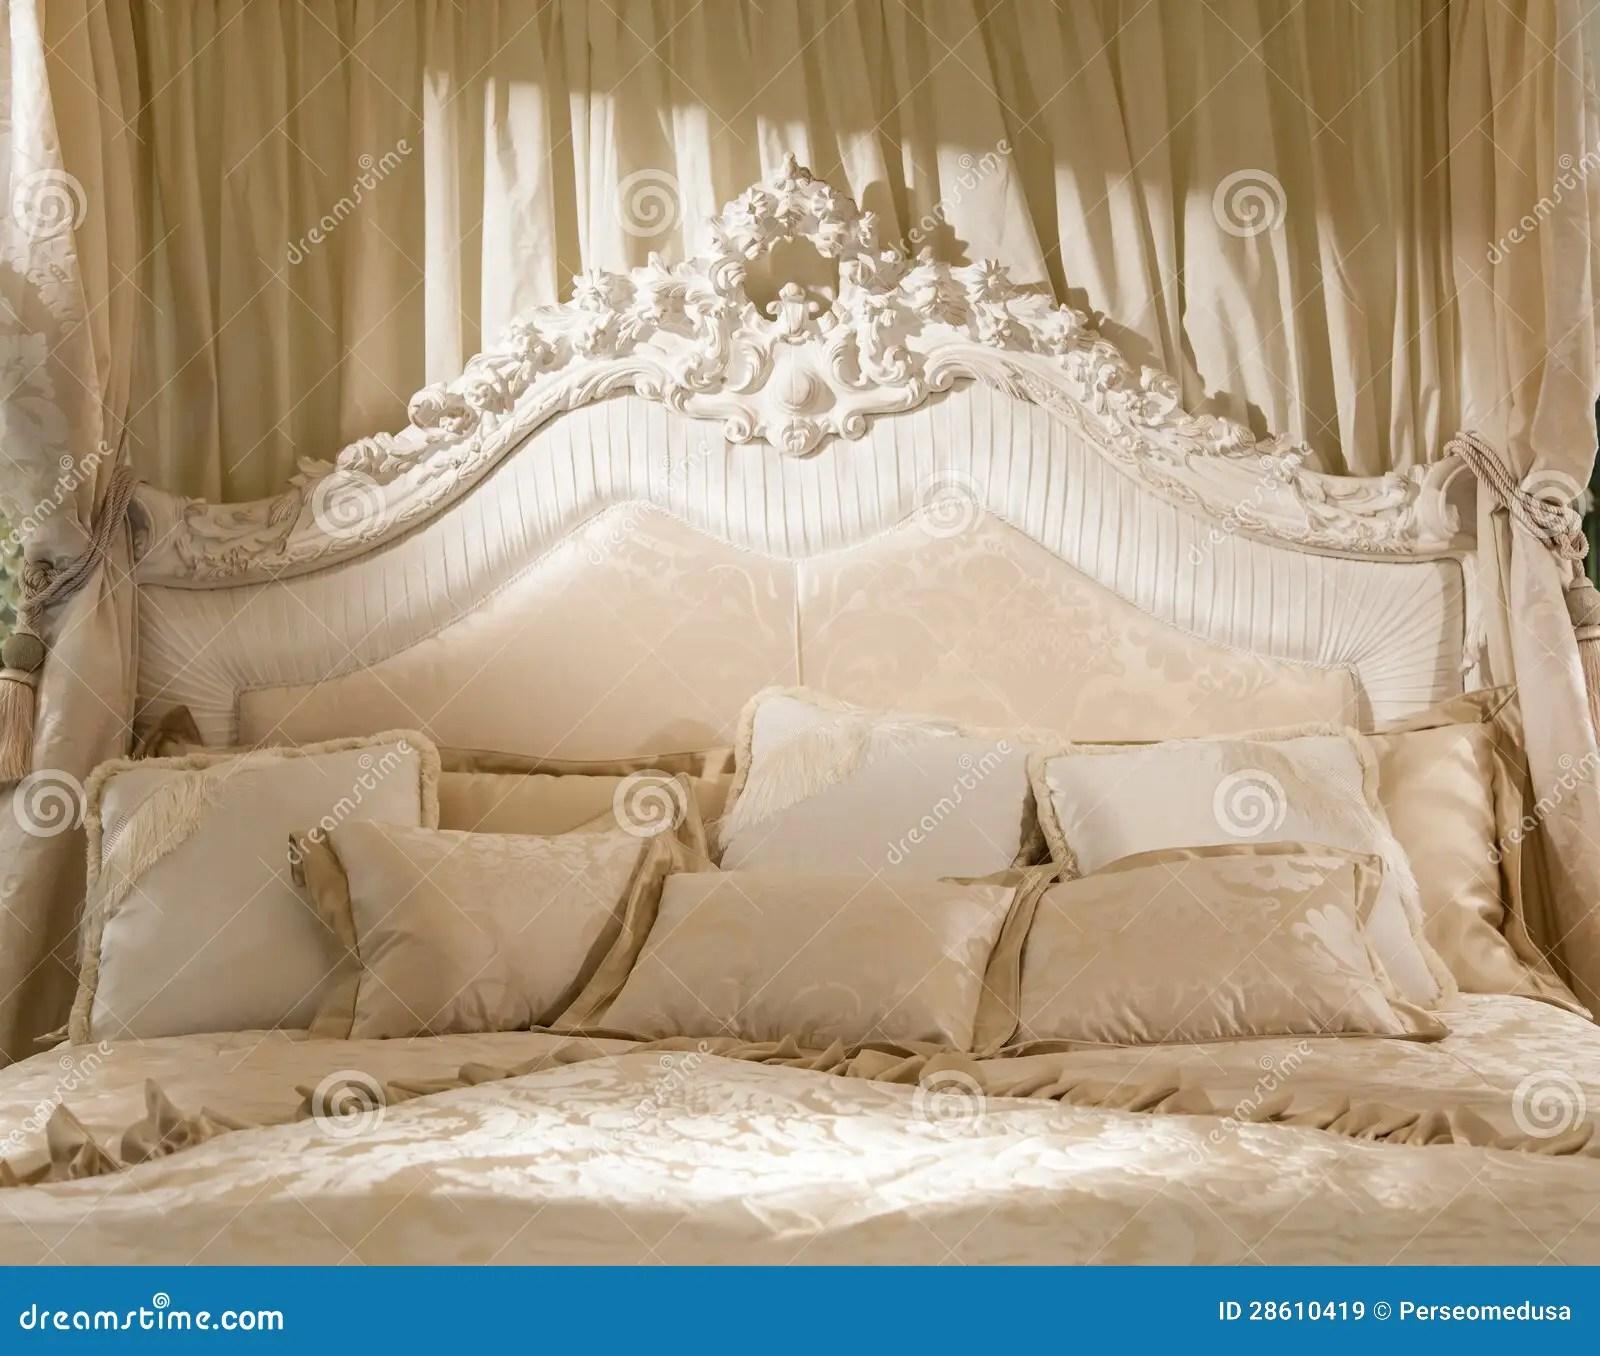 Romantische slaapkamer stock afbeelding Afbeelding